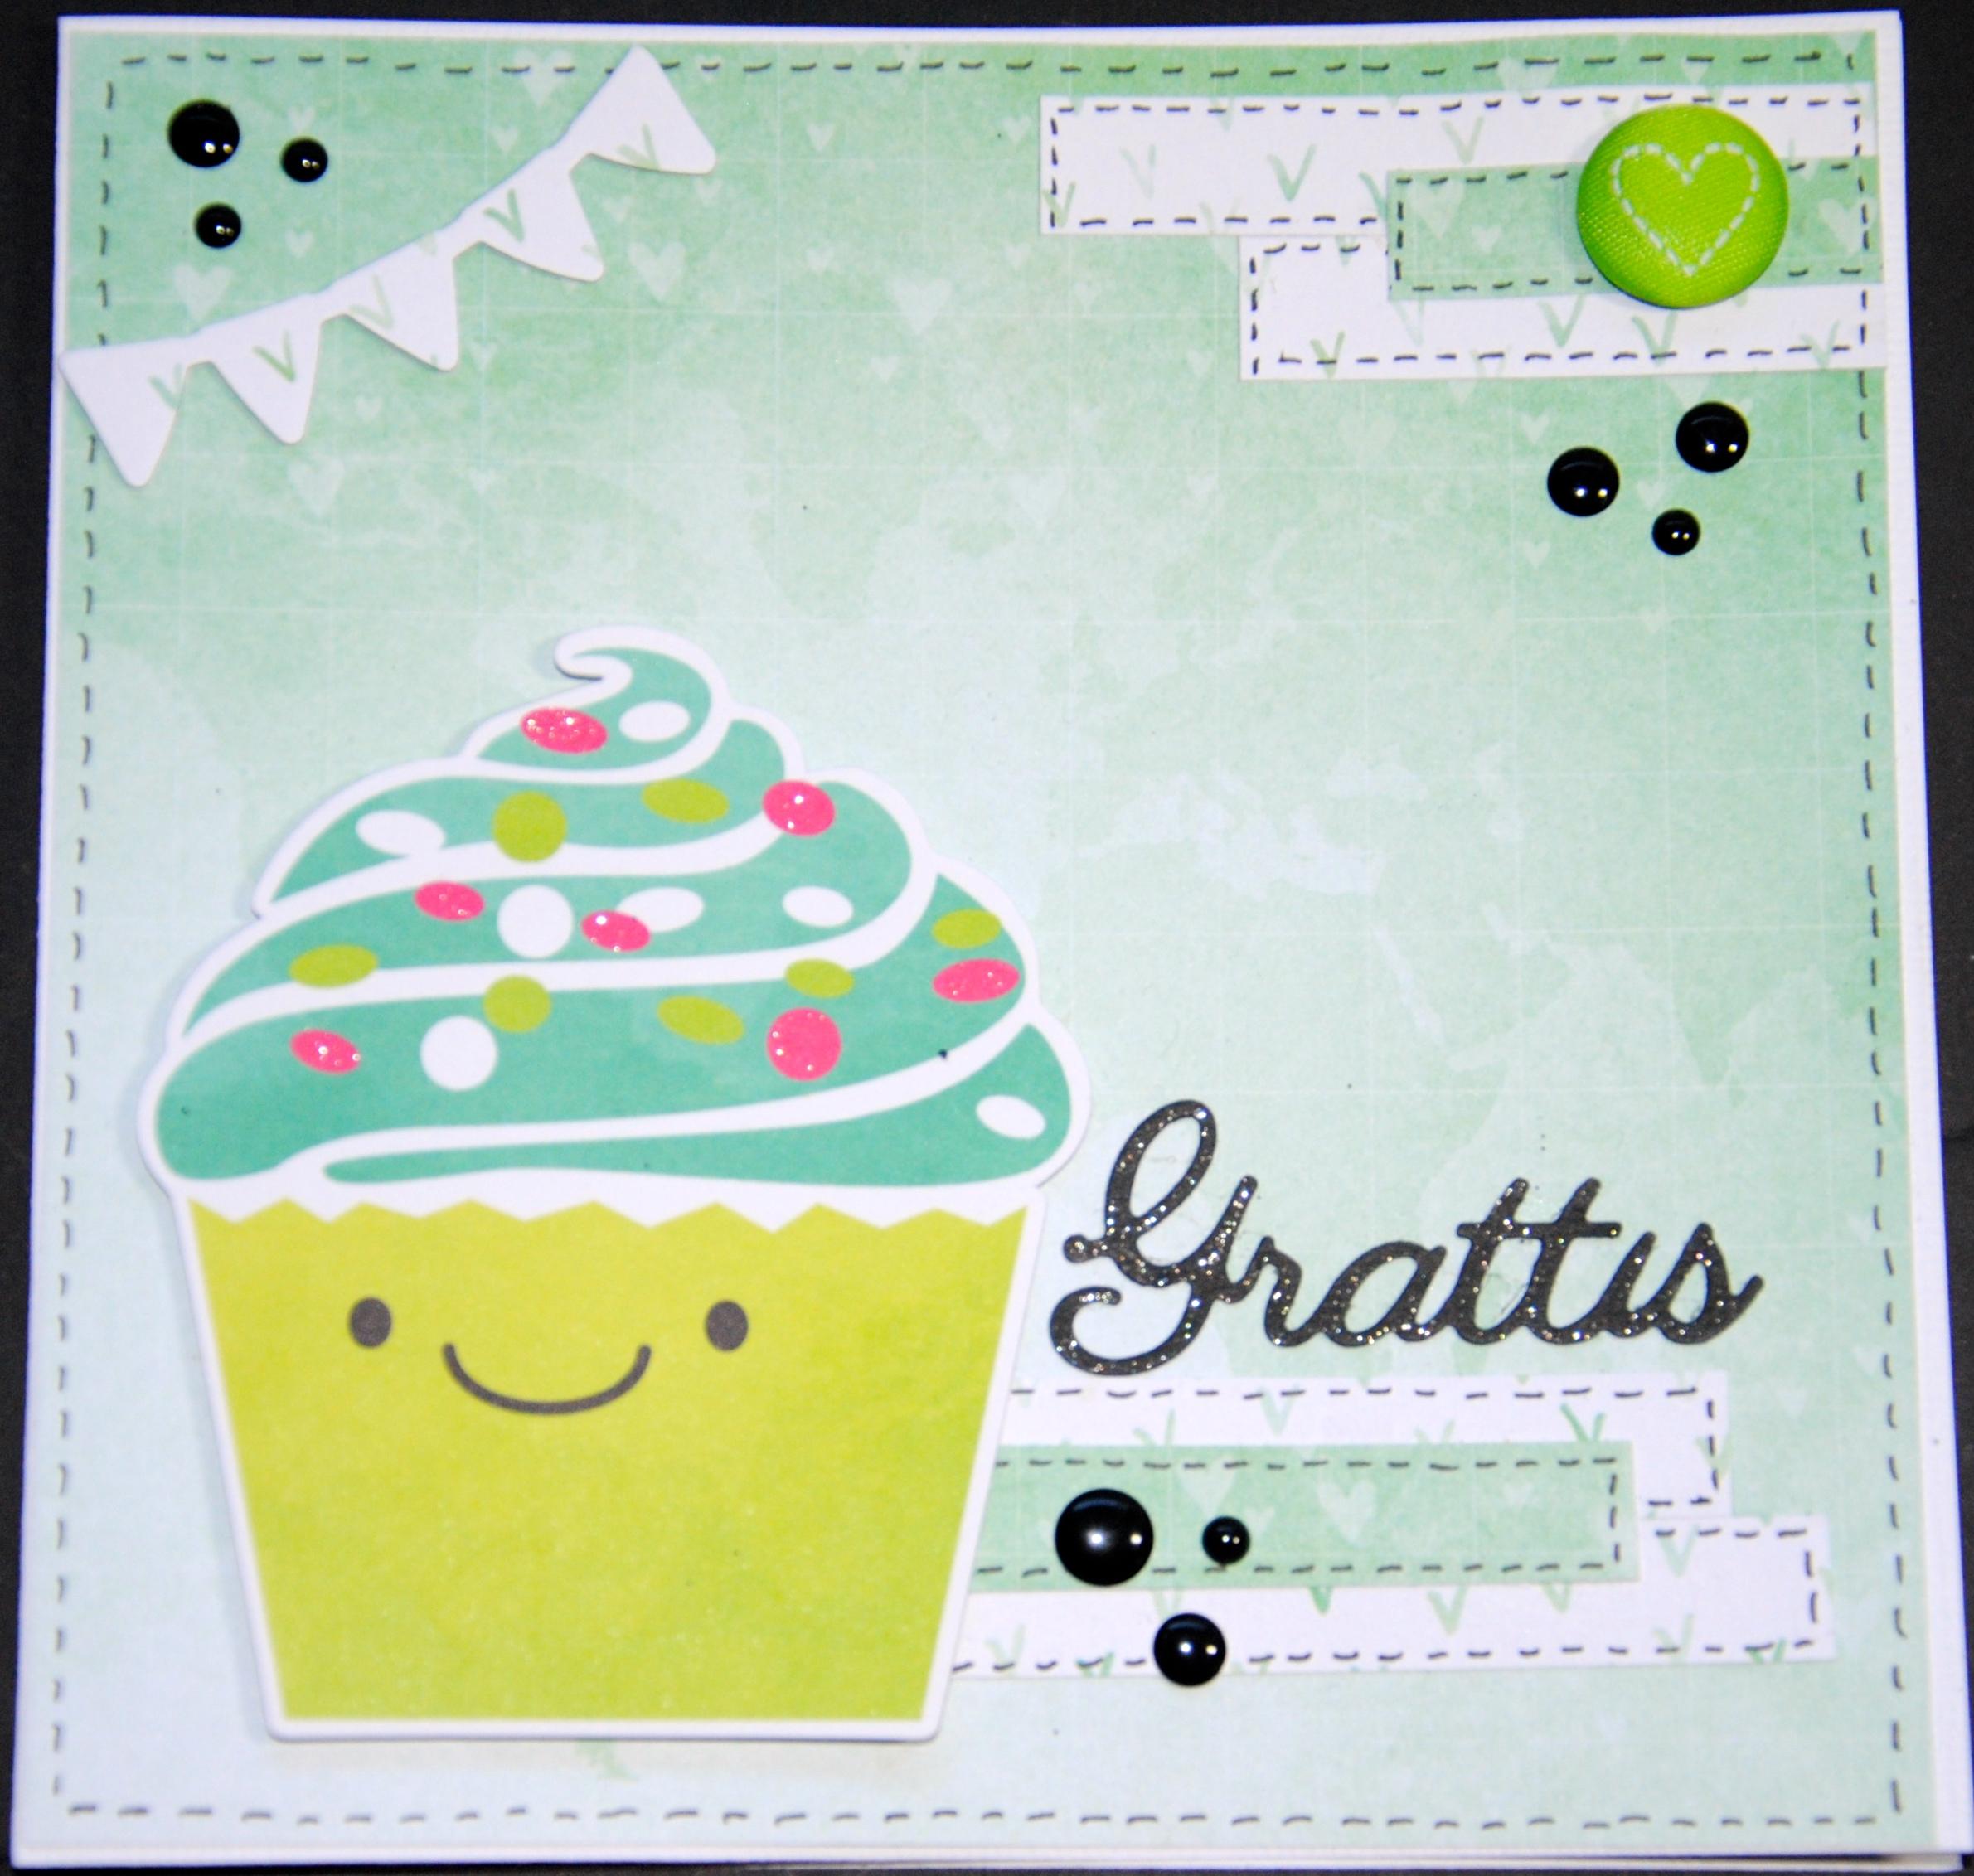 göra egna gratulationskort Grattiskort med Cupcake | göra egna gratulationskort